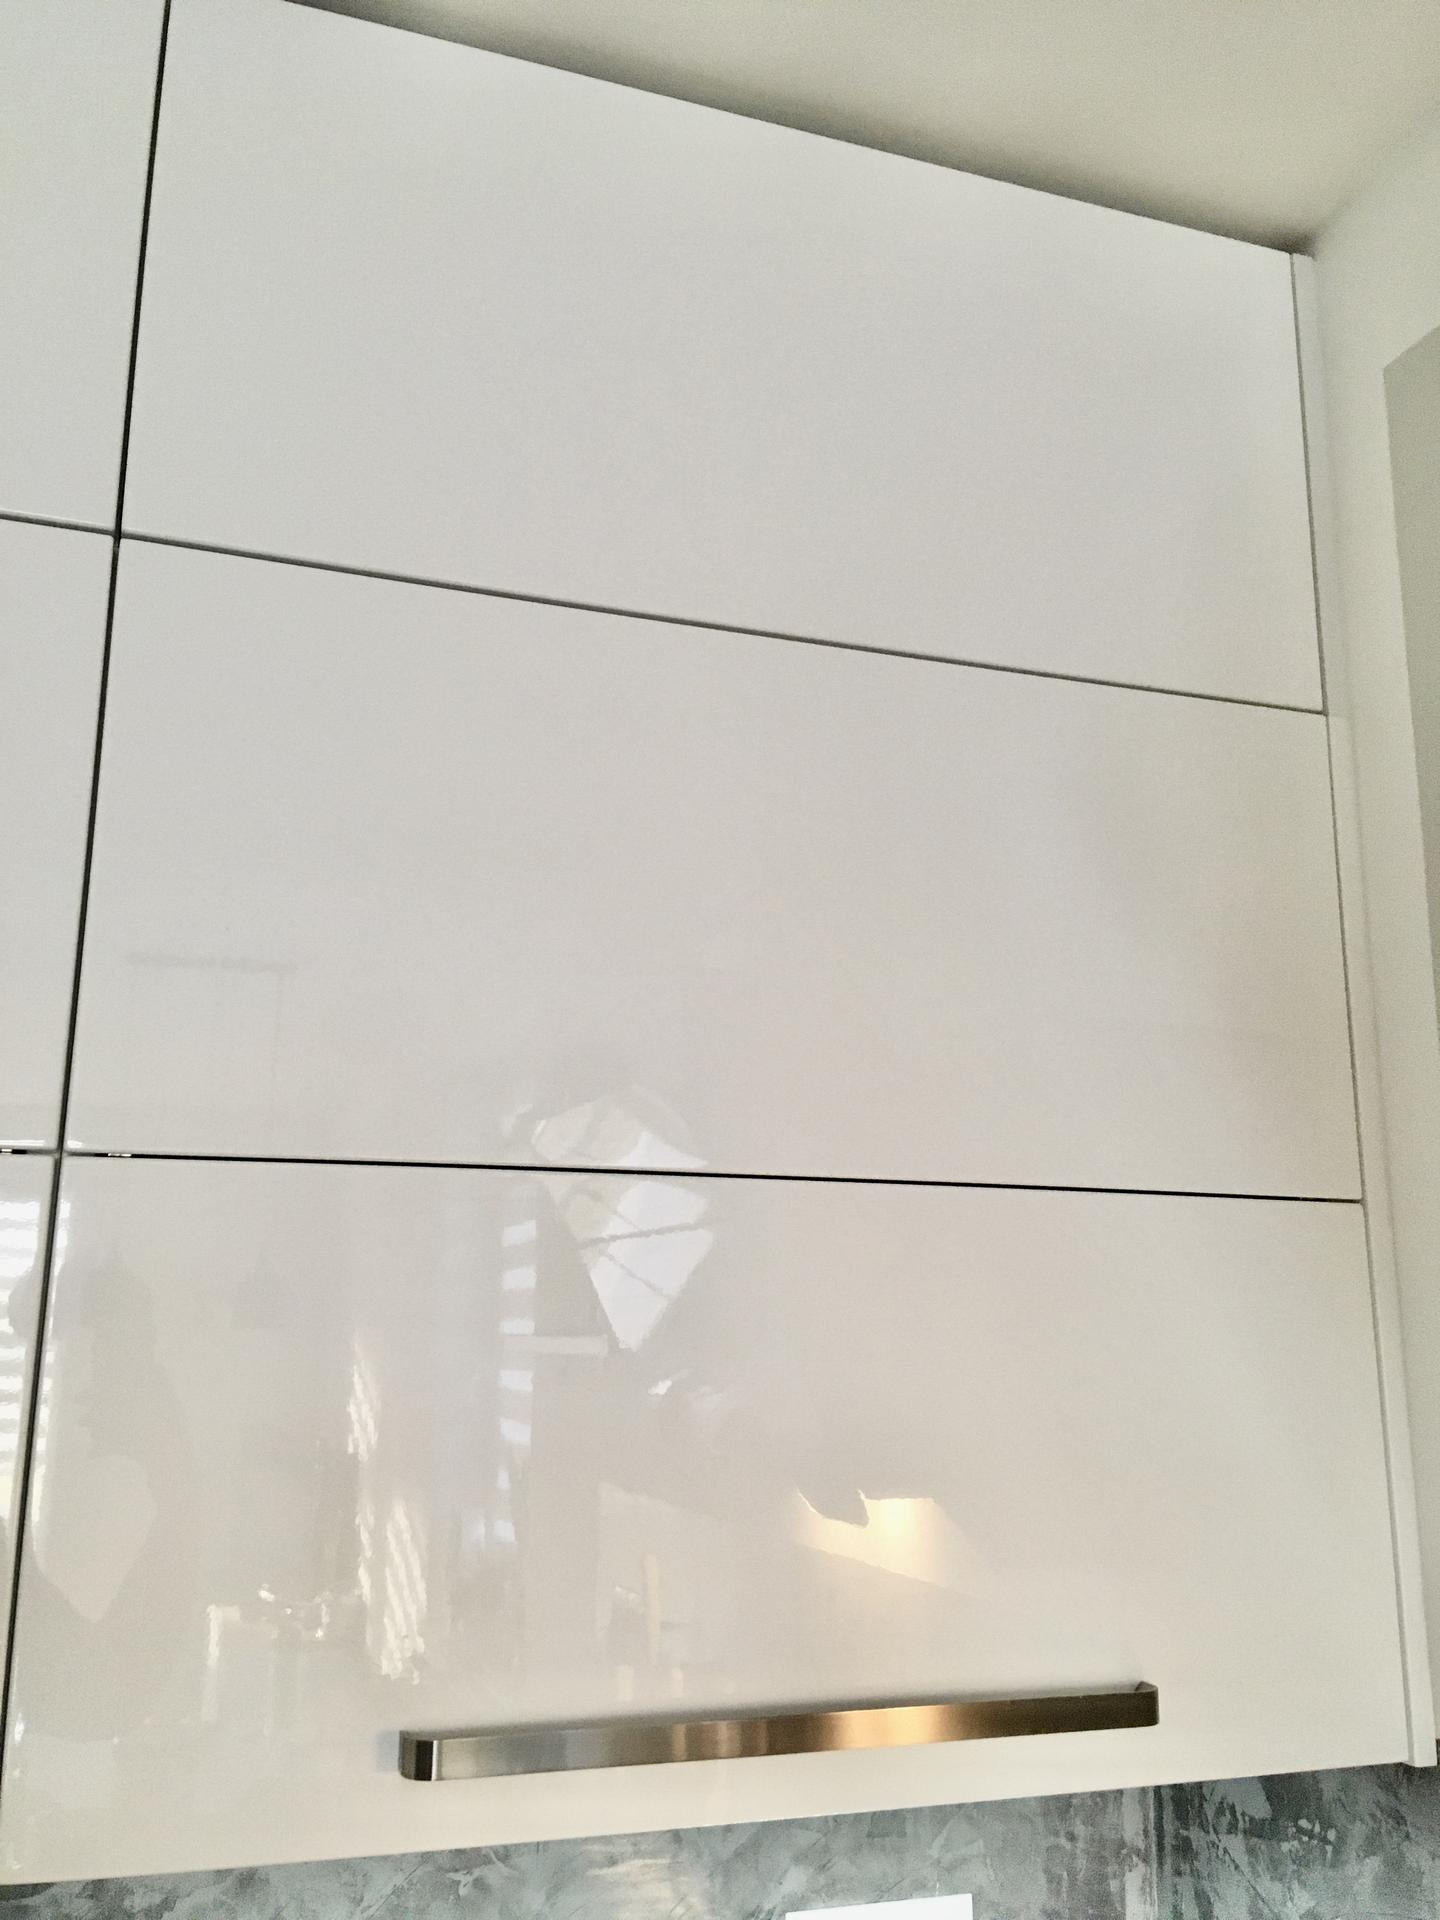 Za dveřmi - Po pěti letech padlo rozhodnutí dodělat kuchyňské skříňky až do stropu.